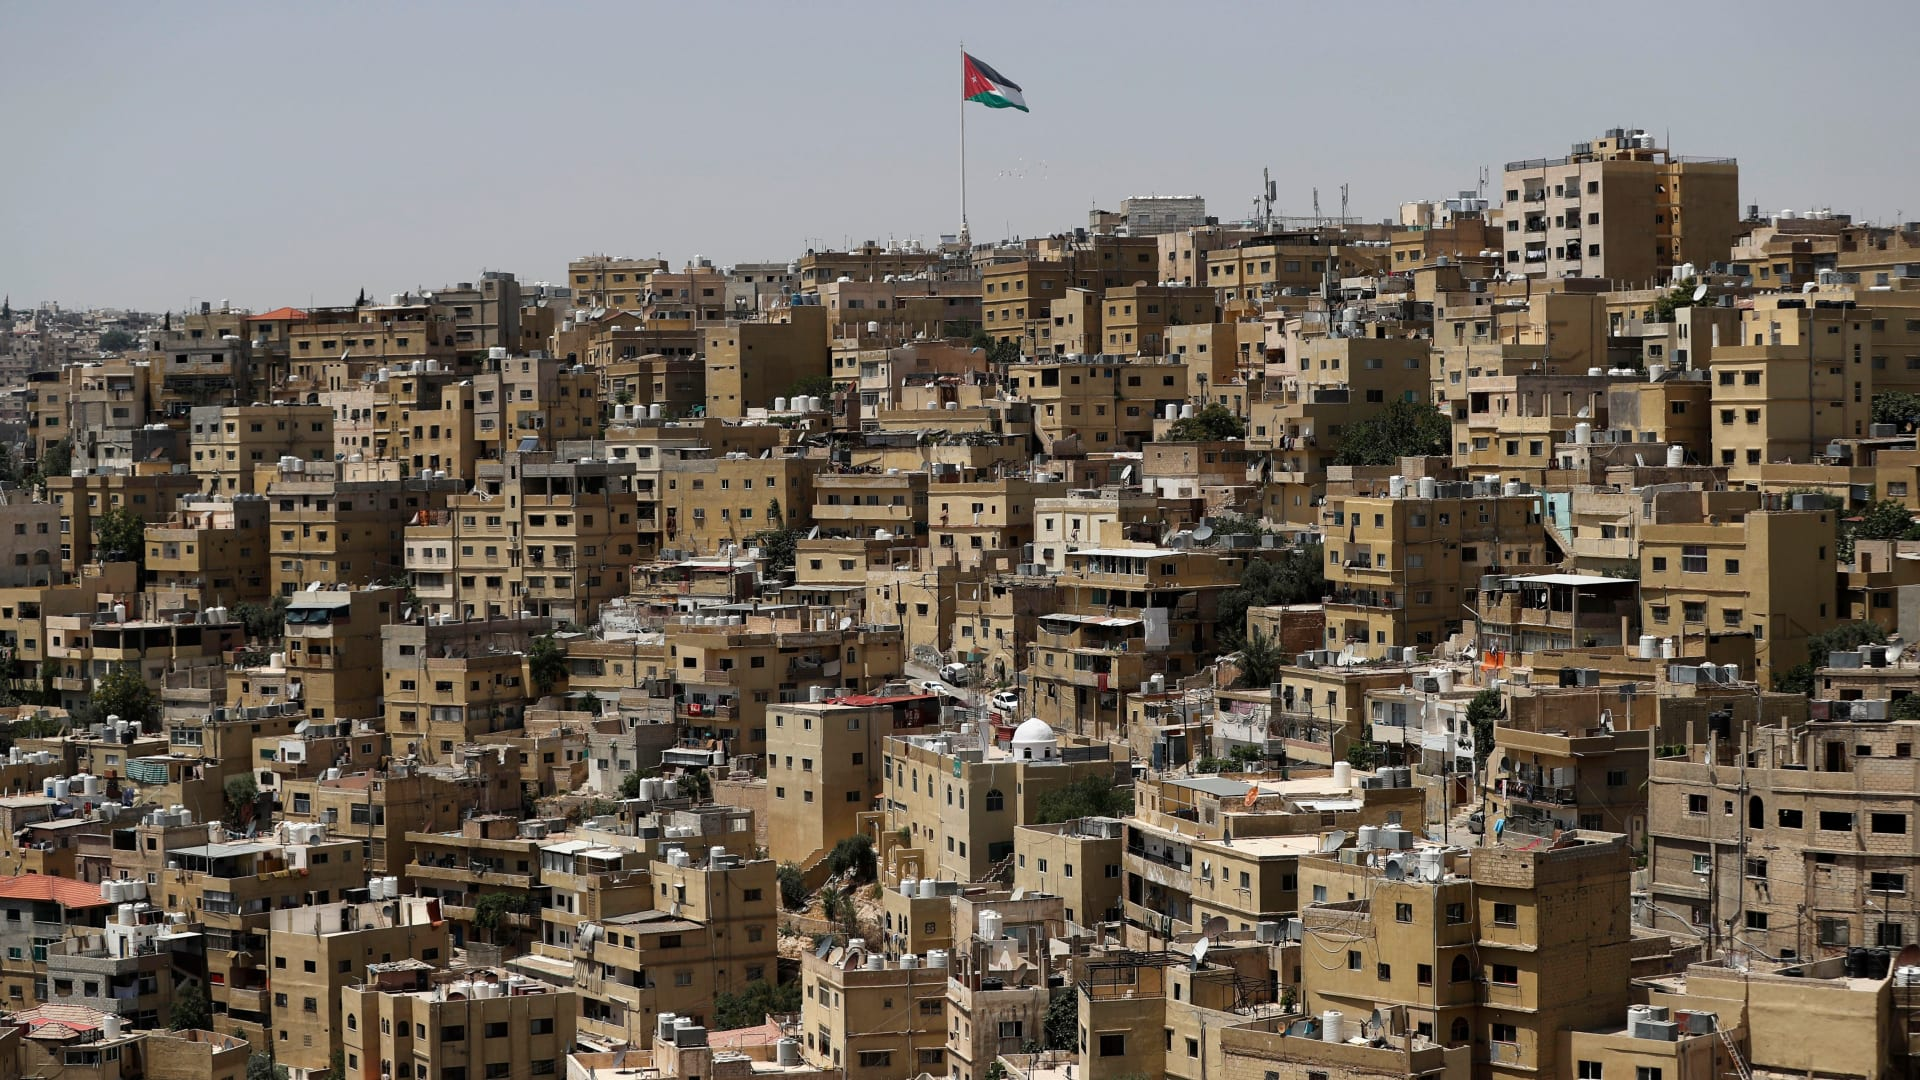 صورة أرشيفية عامة من العاصمة الأردنية عمان